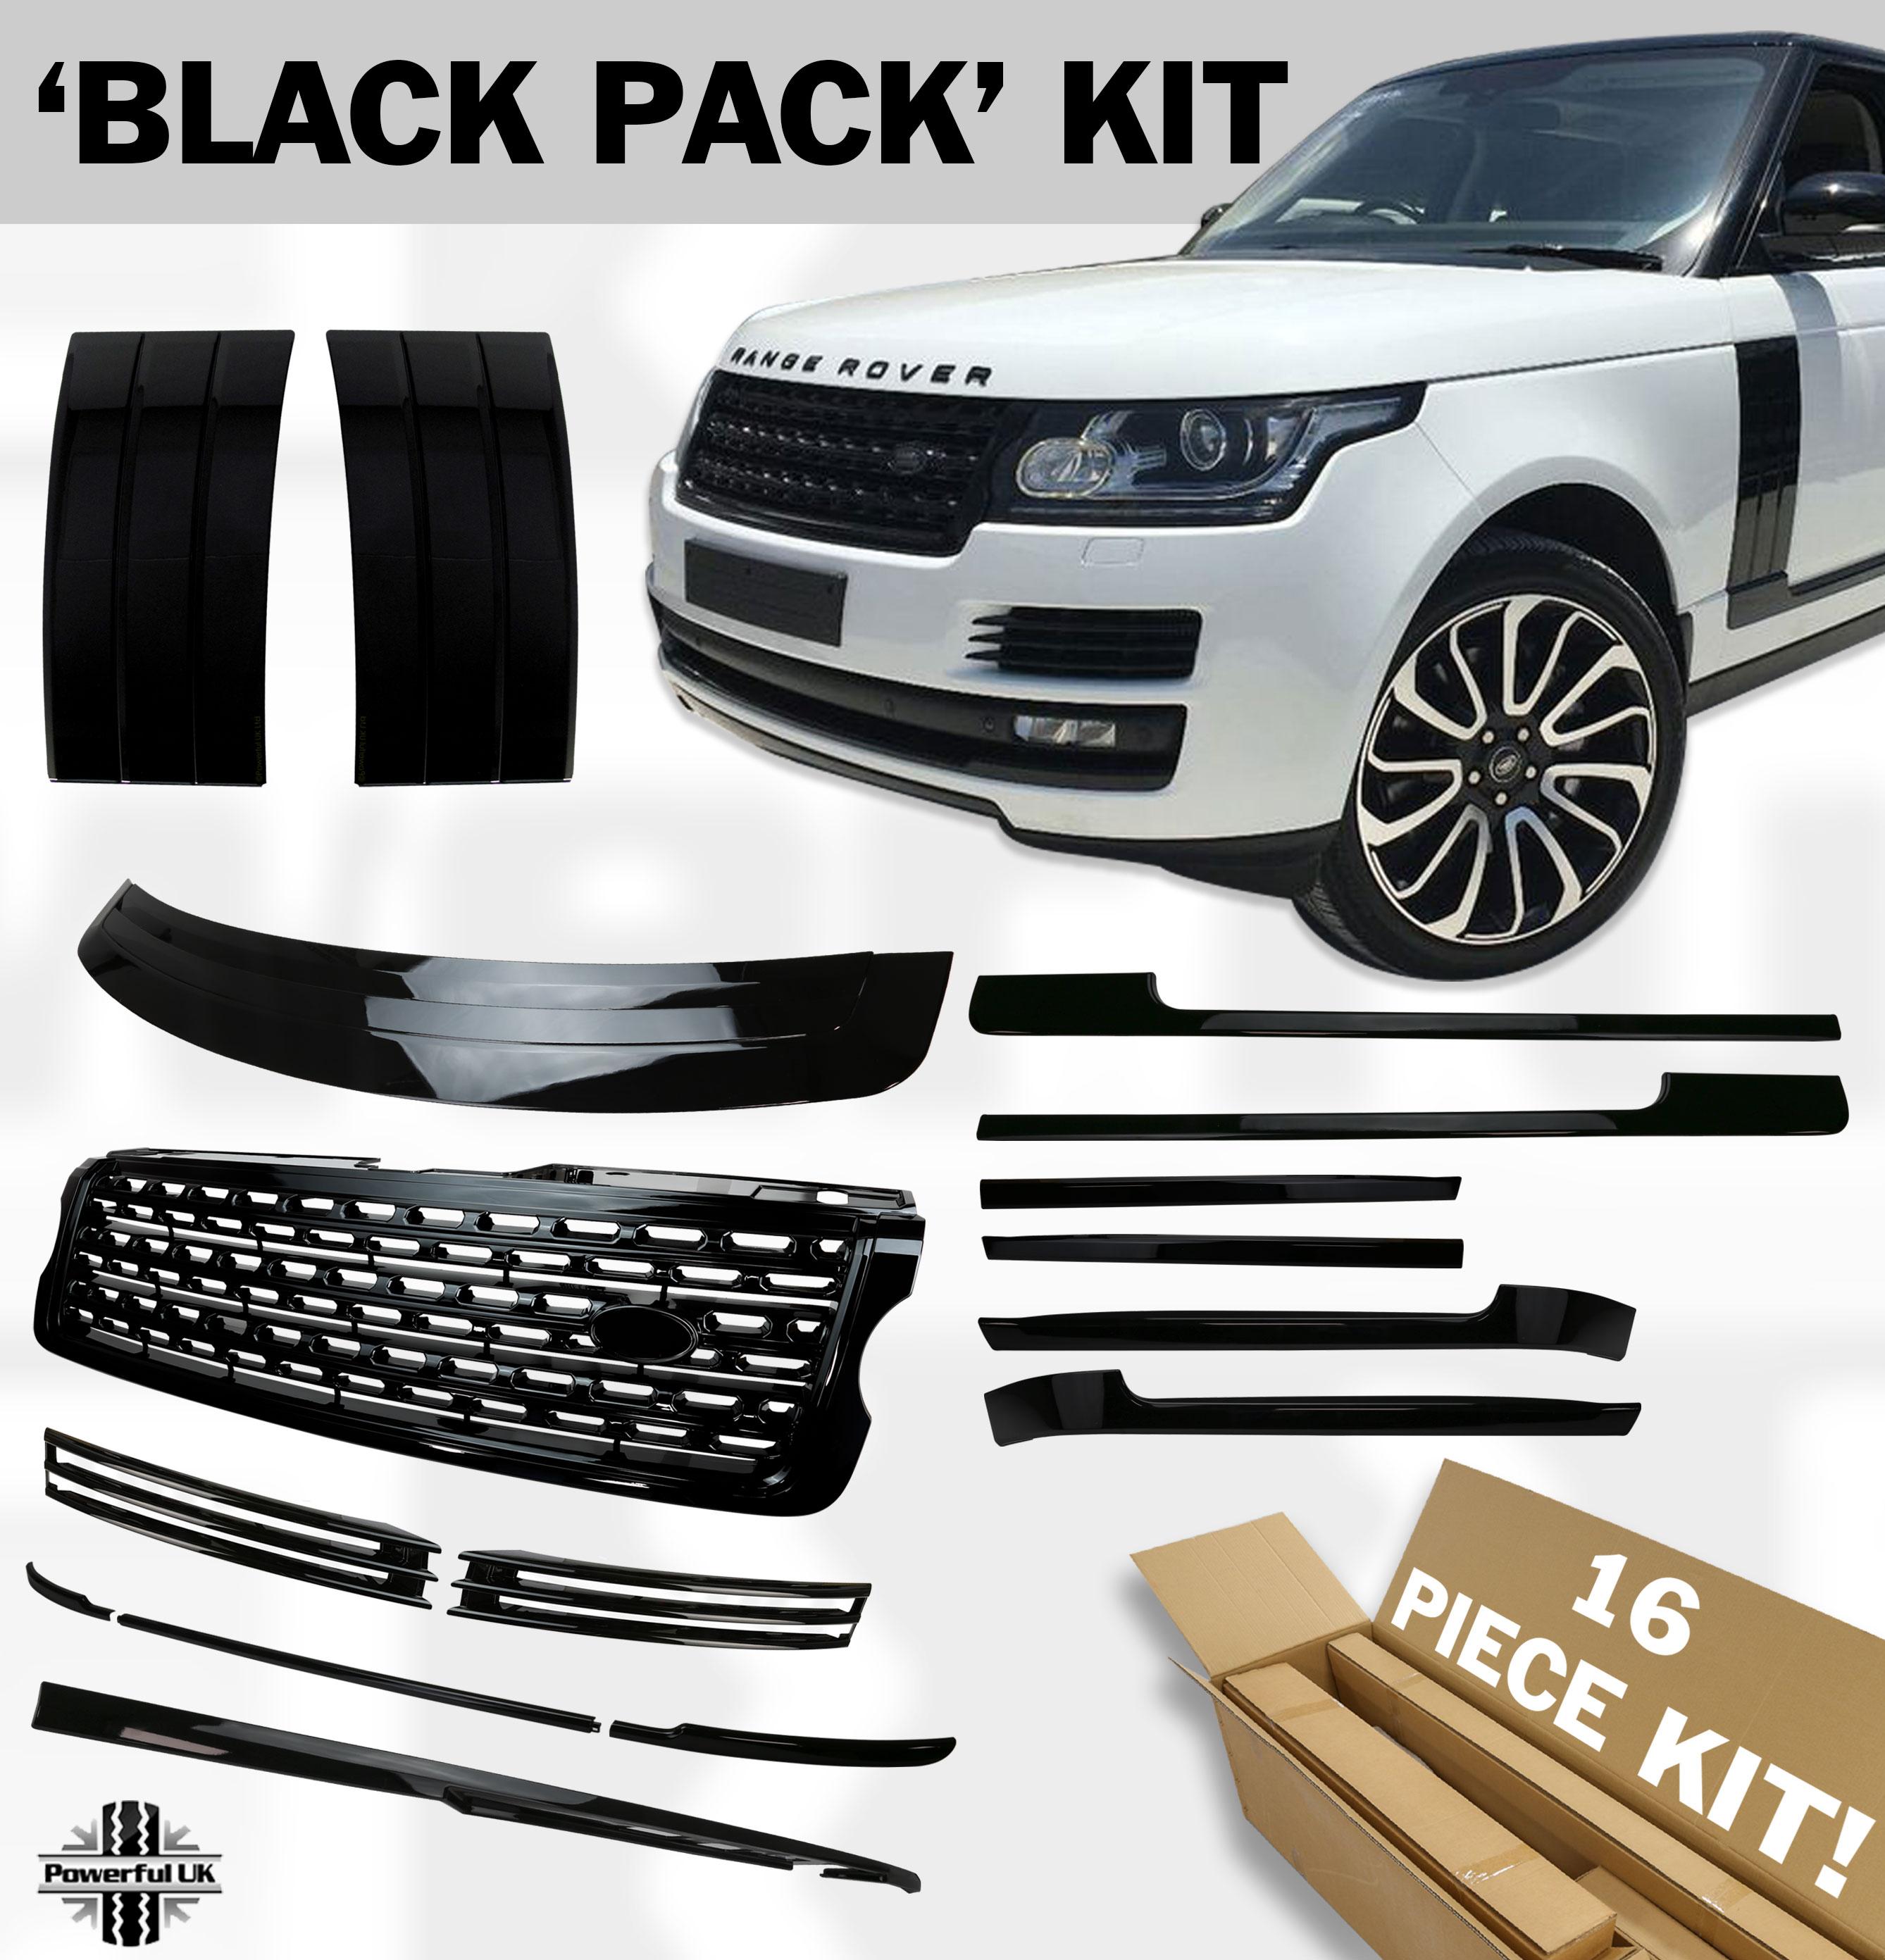 33d3f351dd Details about Styling trim kit set Black Edition stealth design pack for  RangeRover L405 Vogue